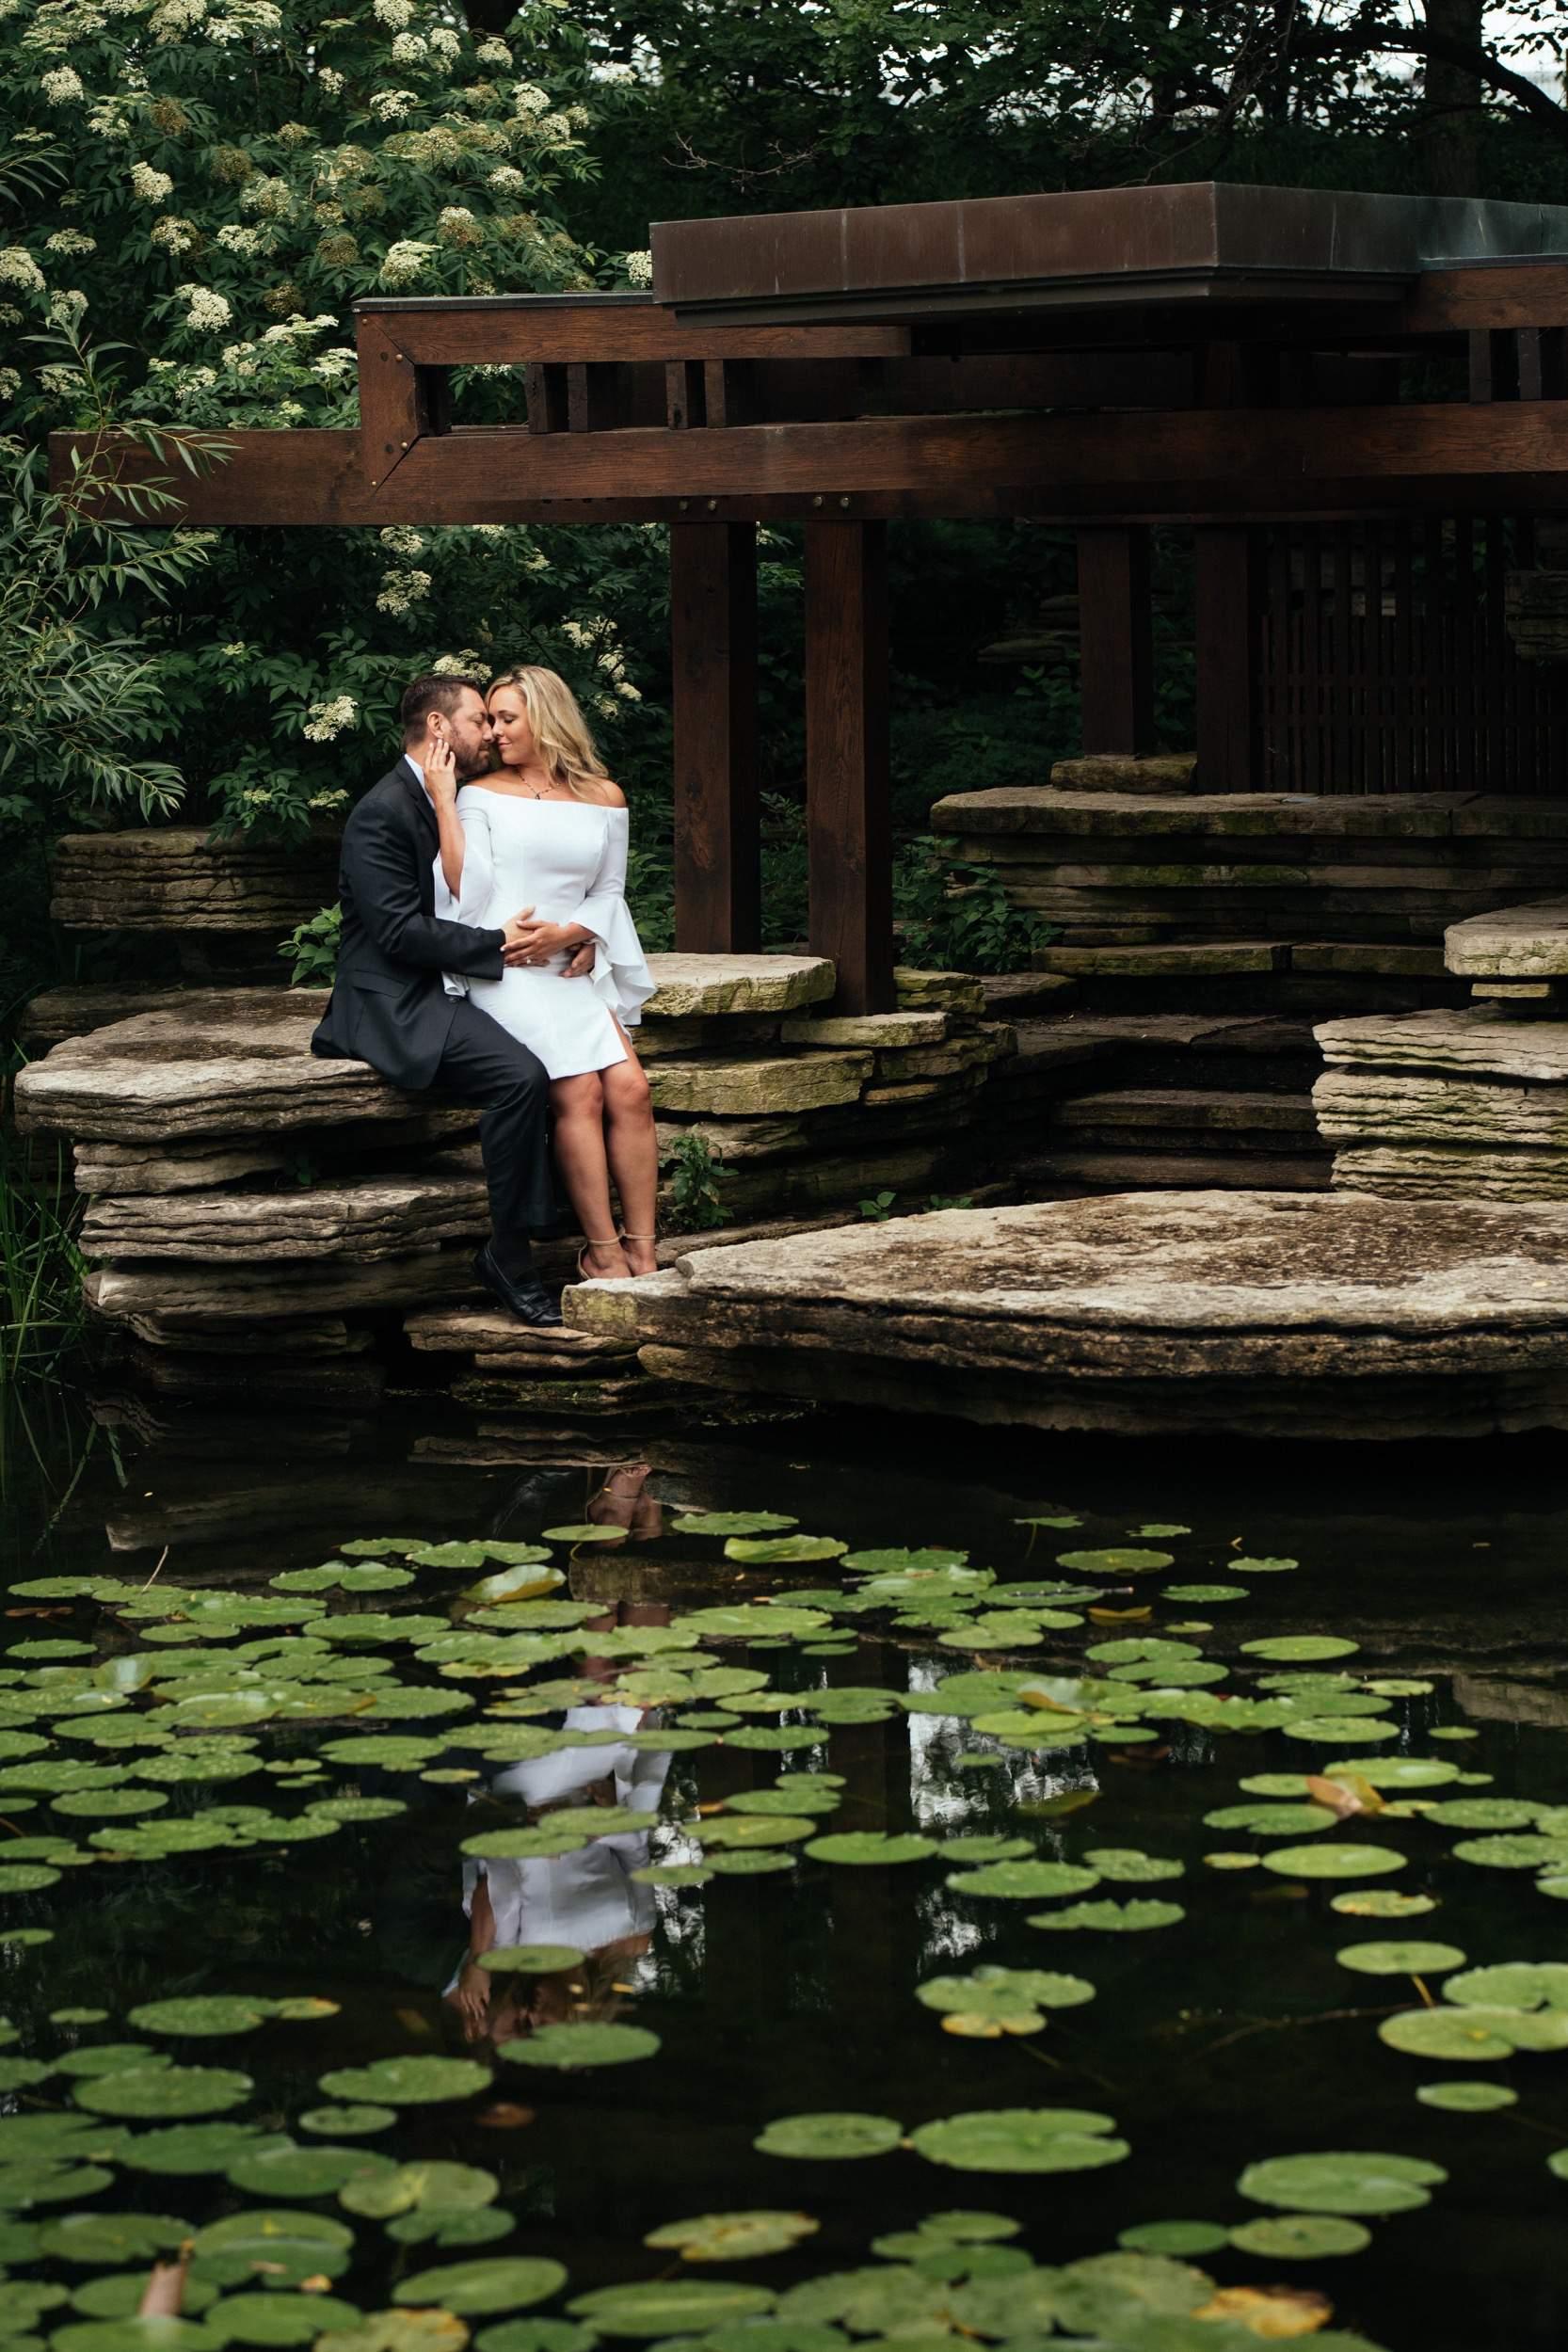 LeCapeWeddings_Chicago Engagement Photography-10.jpg